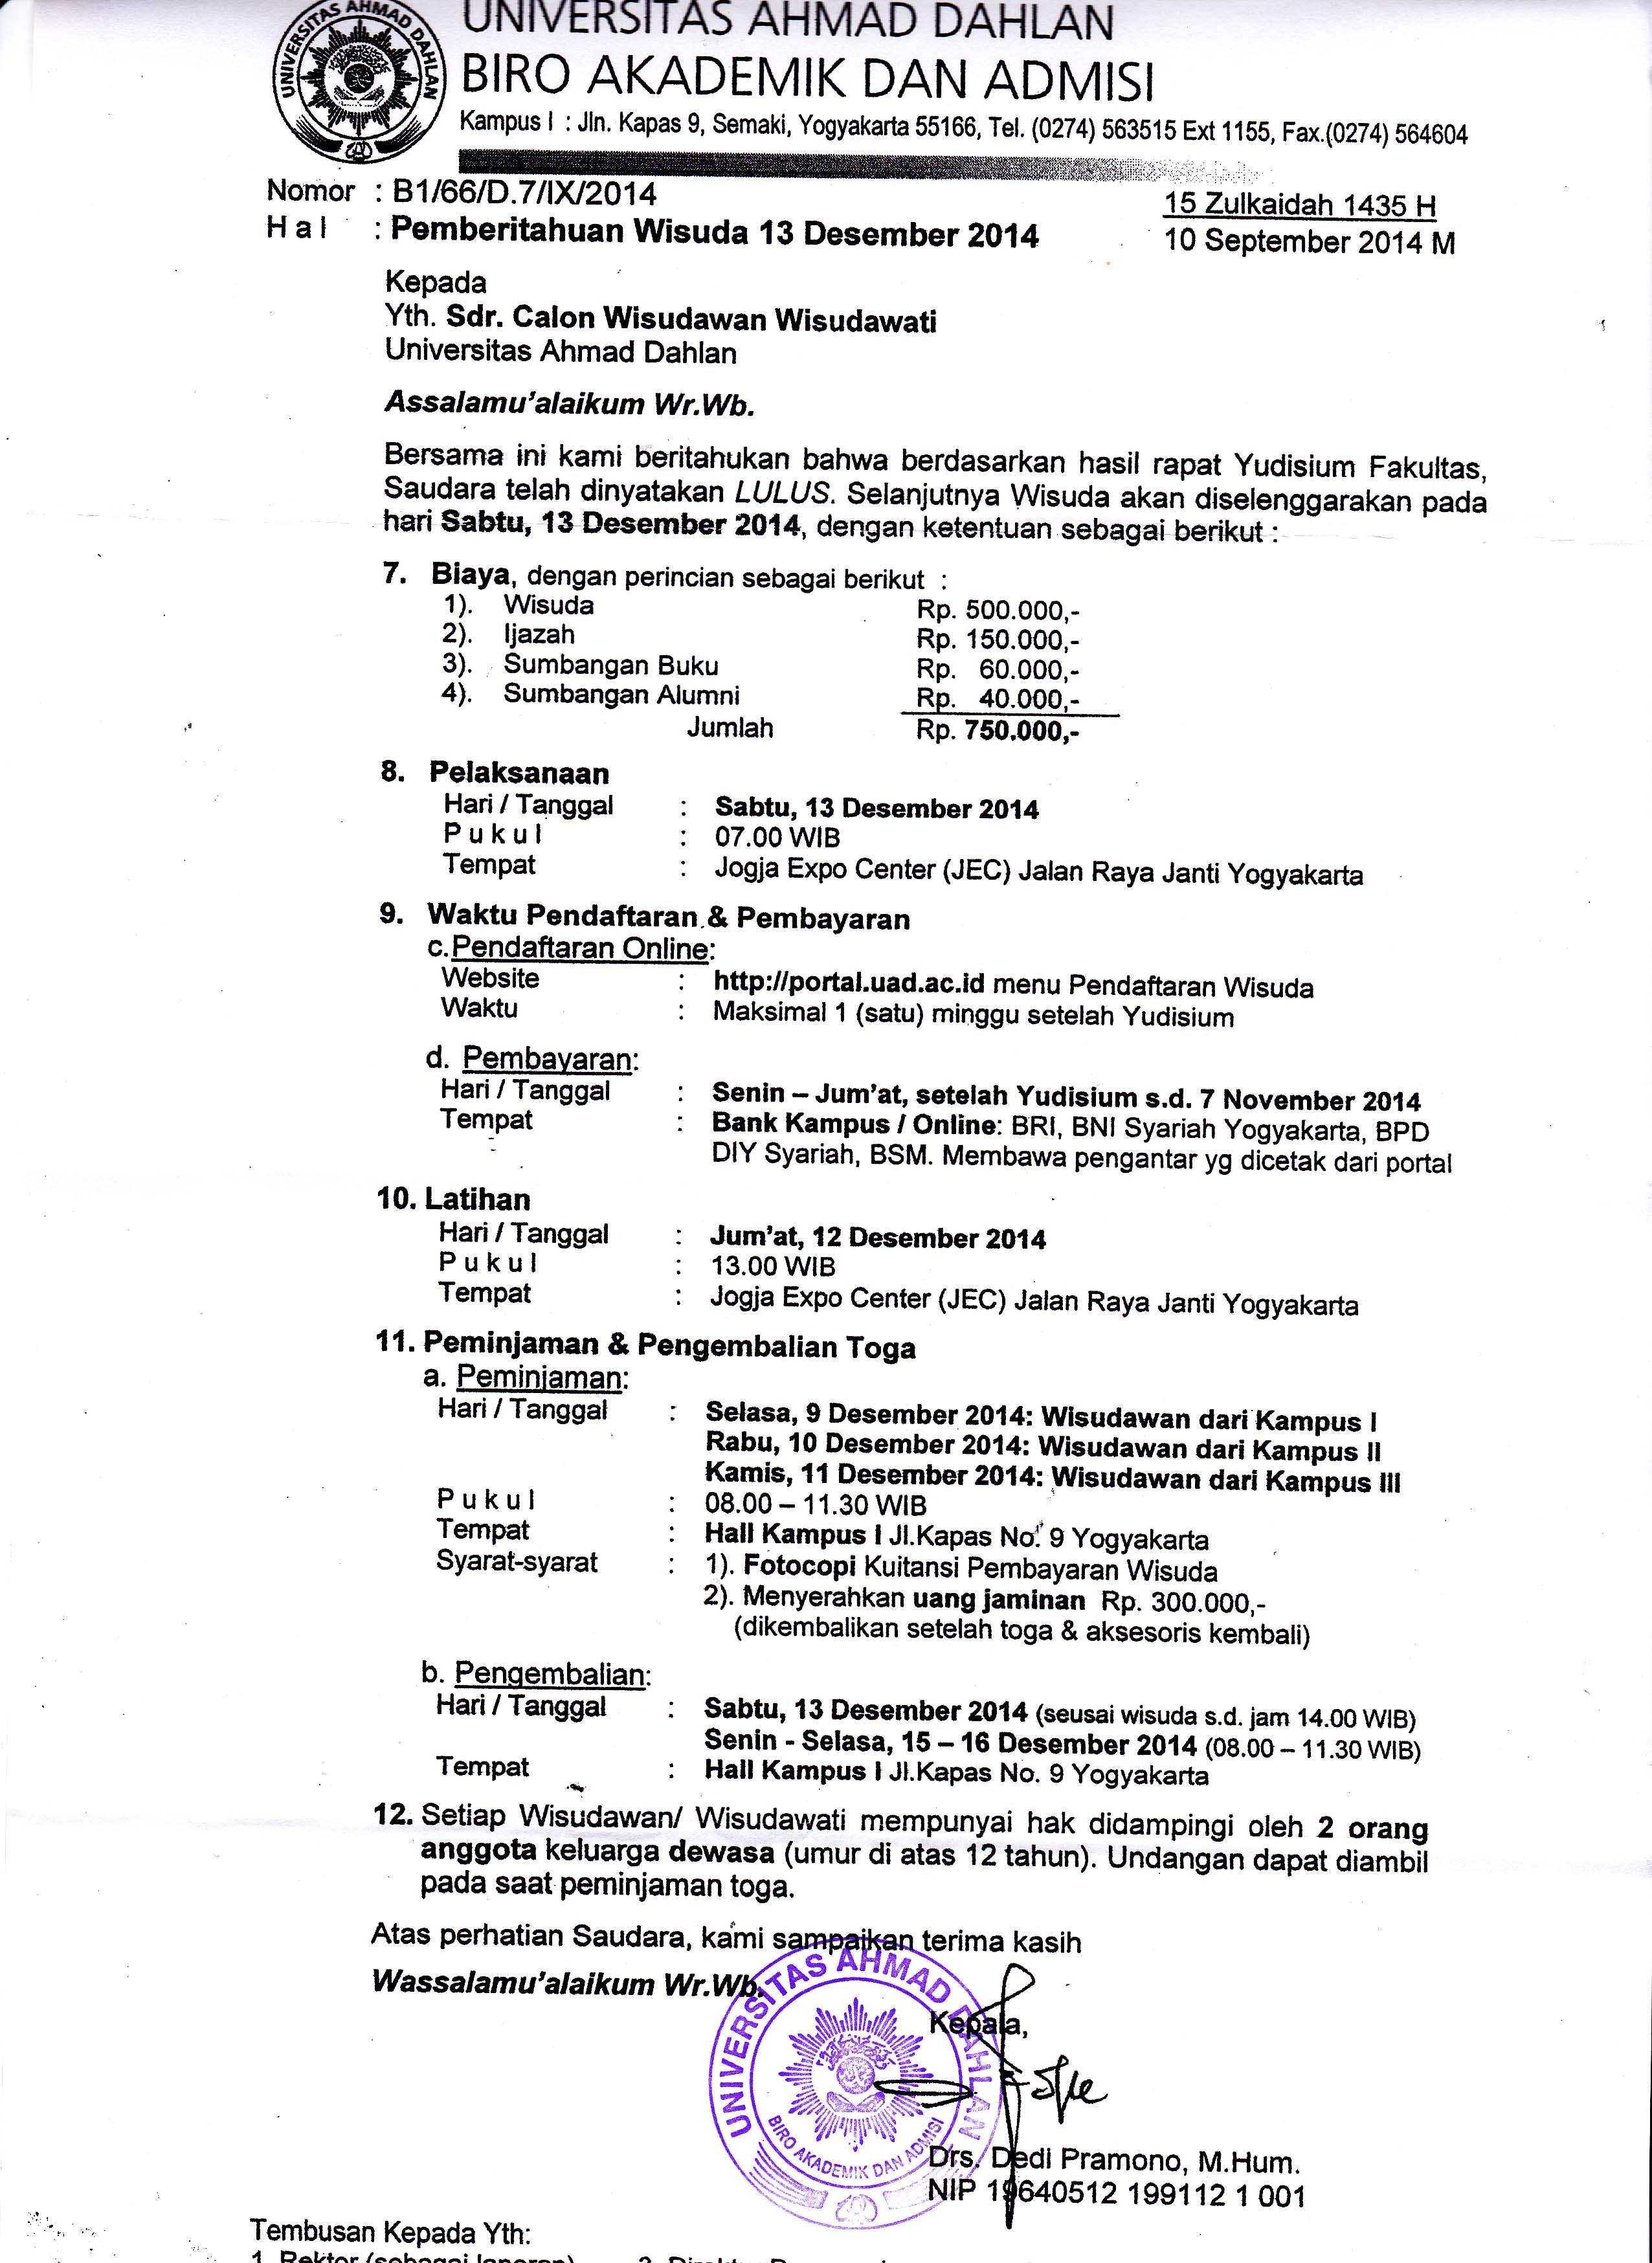 Surat Pemberitahuan Wisuda 13 Desember 2014